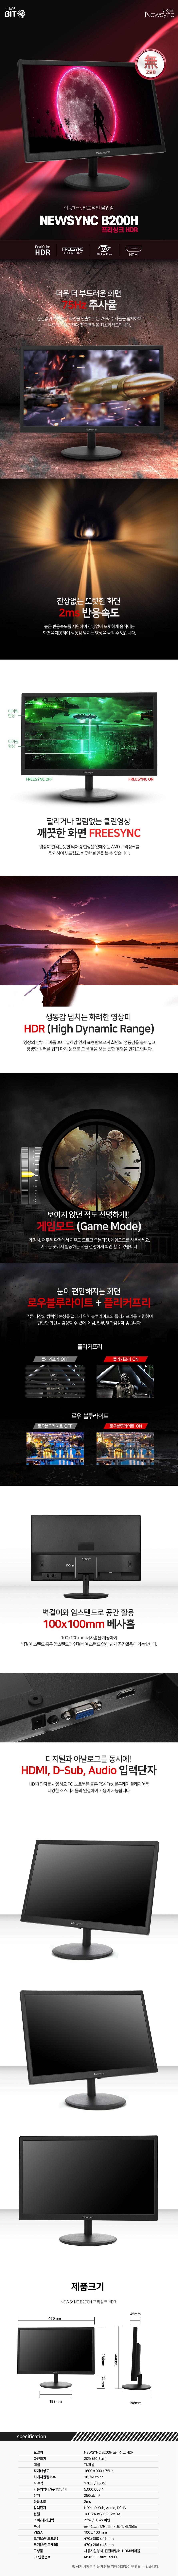 비트엠 Newsync B200H 프리싱크 HDR 무결점